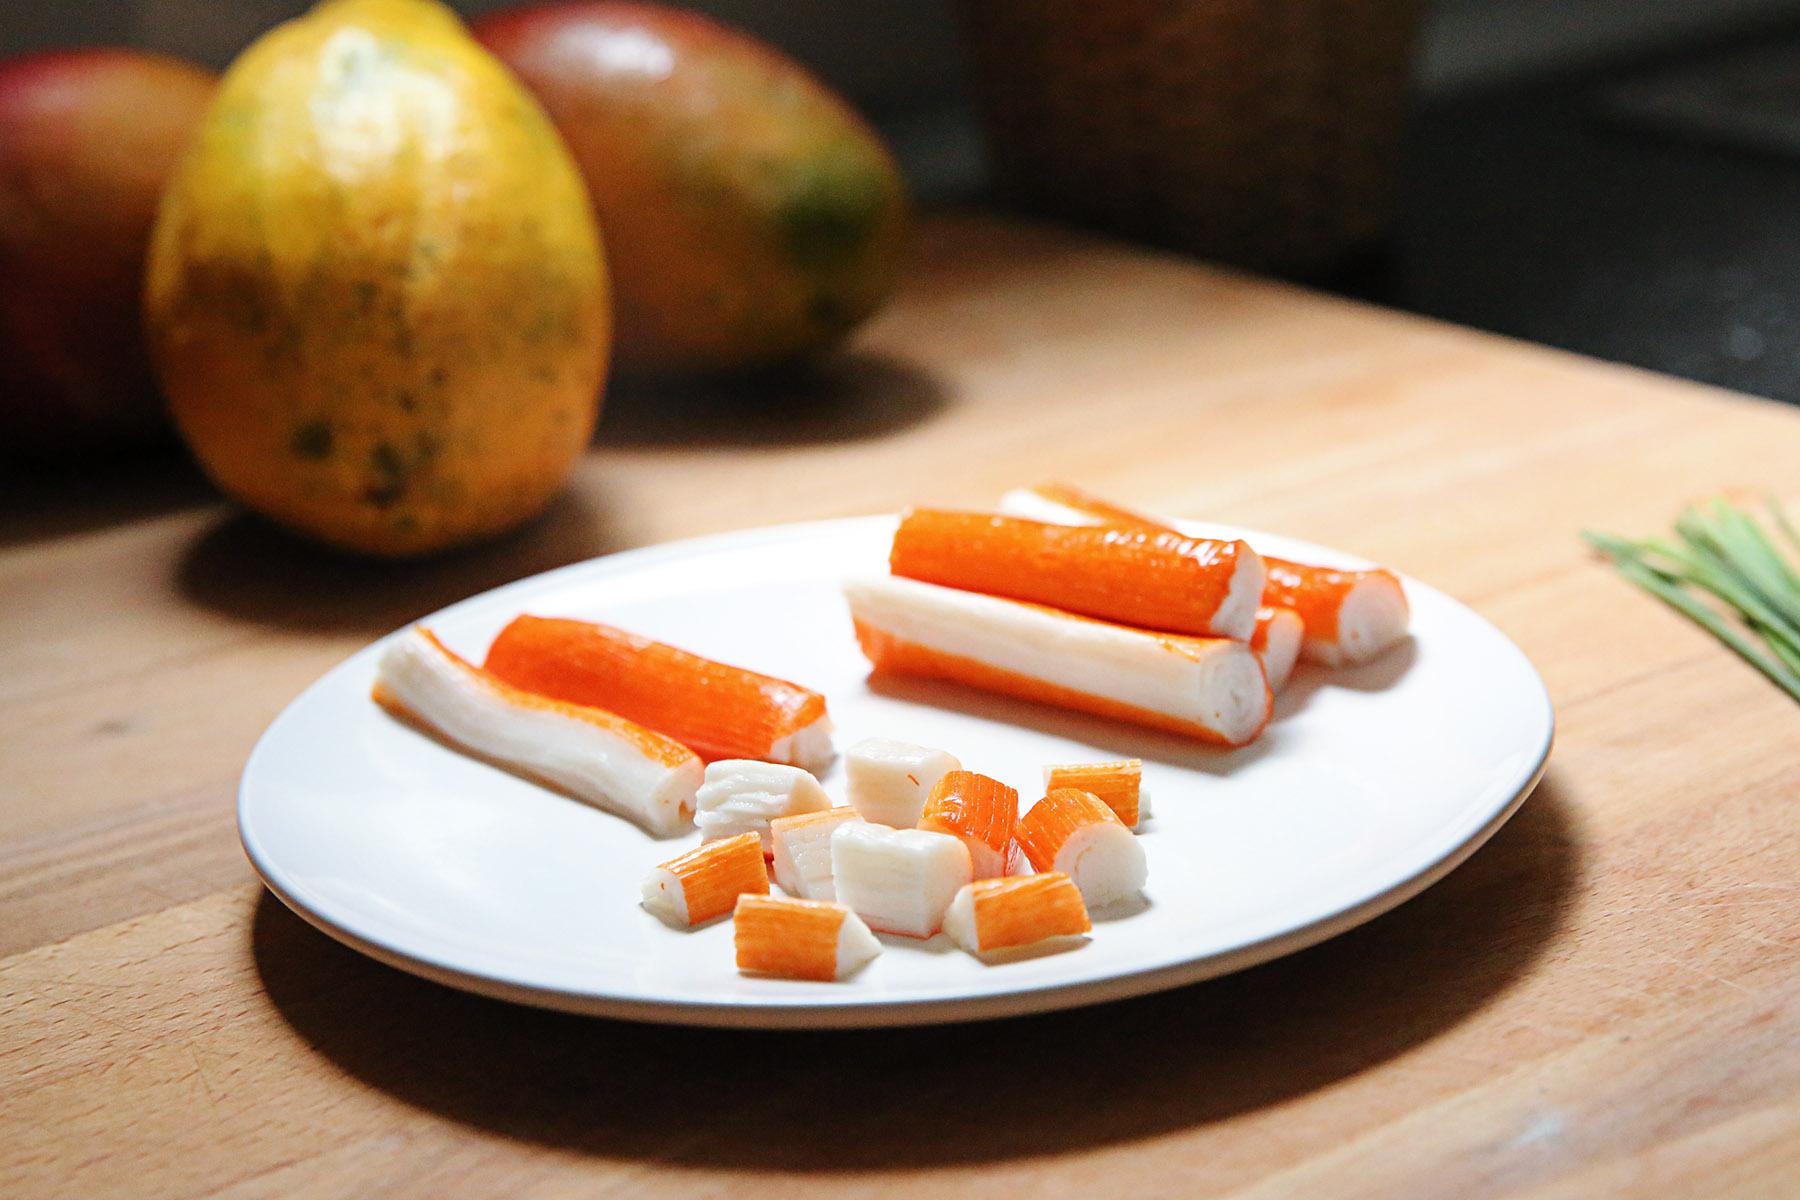 trendy-taste-blog-blogger-fashion-spain-moda-españa-cooking-recipes-recetas-krissia-trendycooking-1